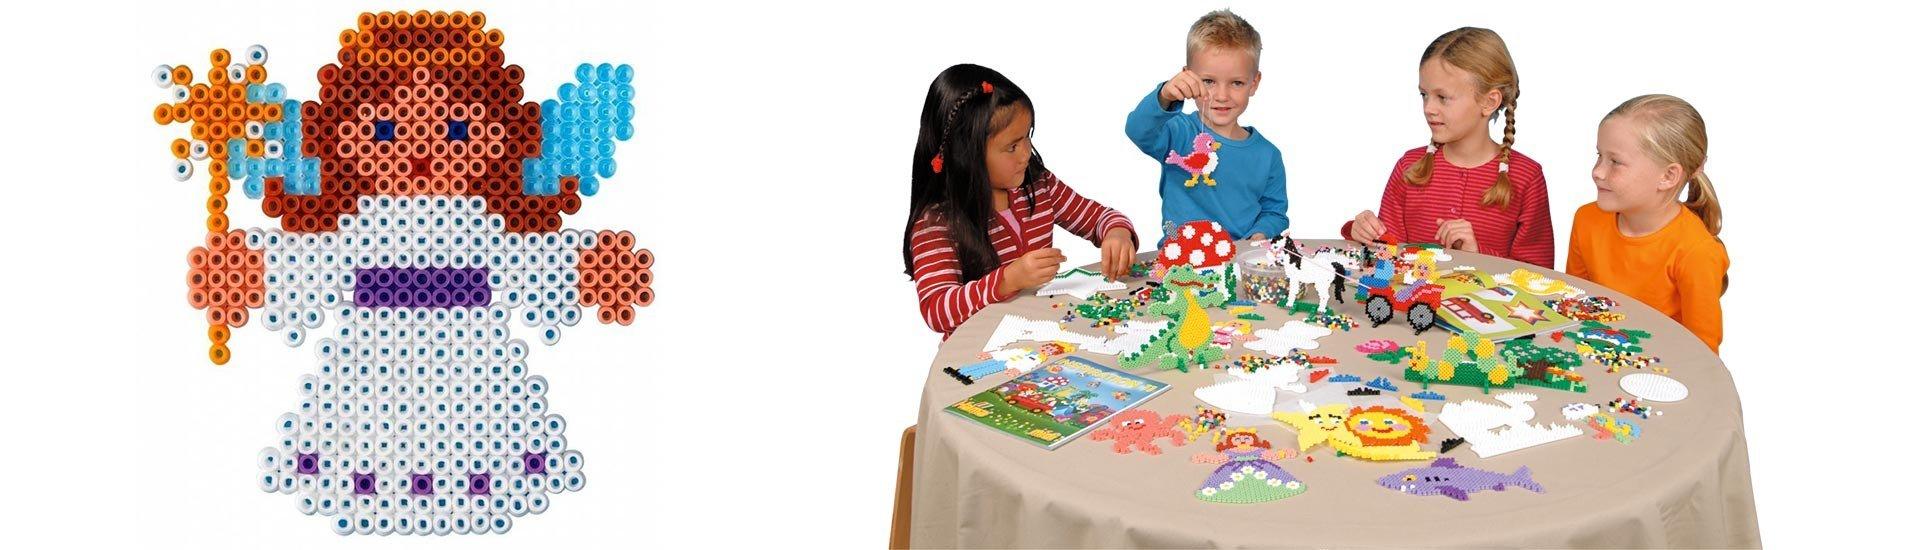 Детские наборы для творчества Hama. Купить термомозаику HAMA